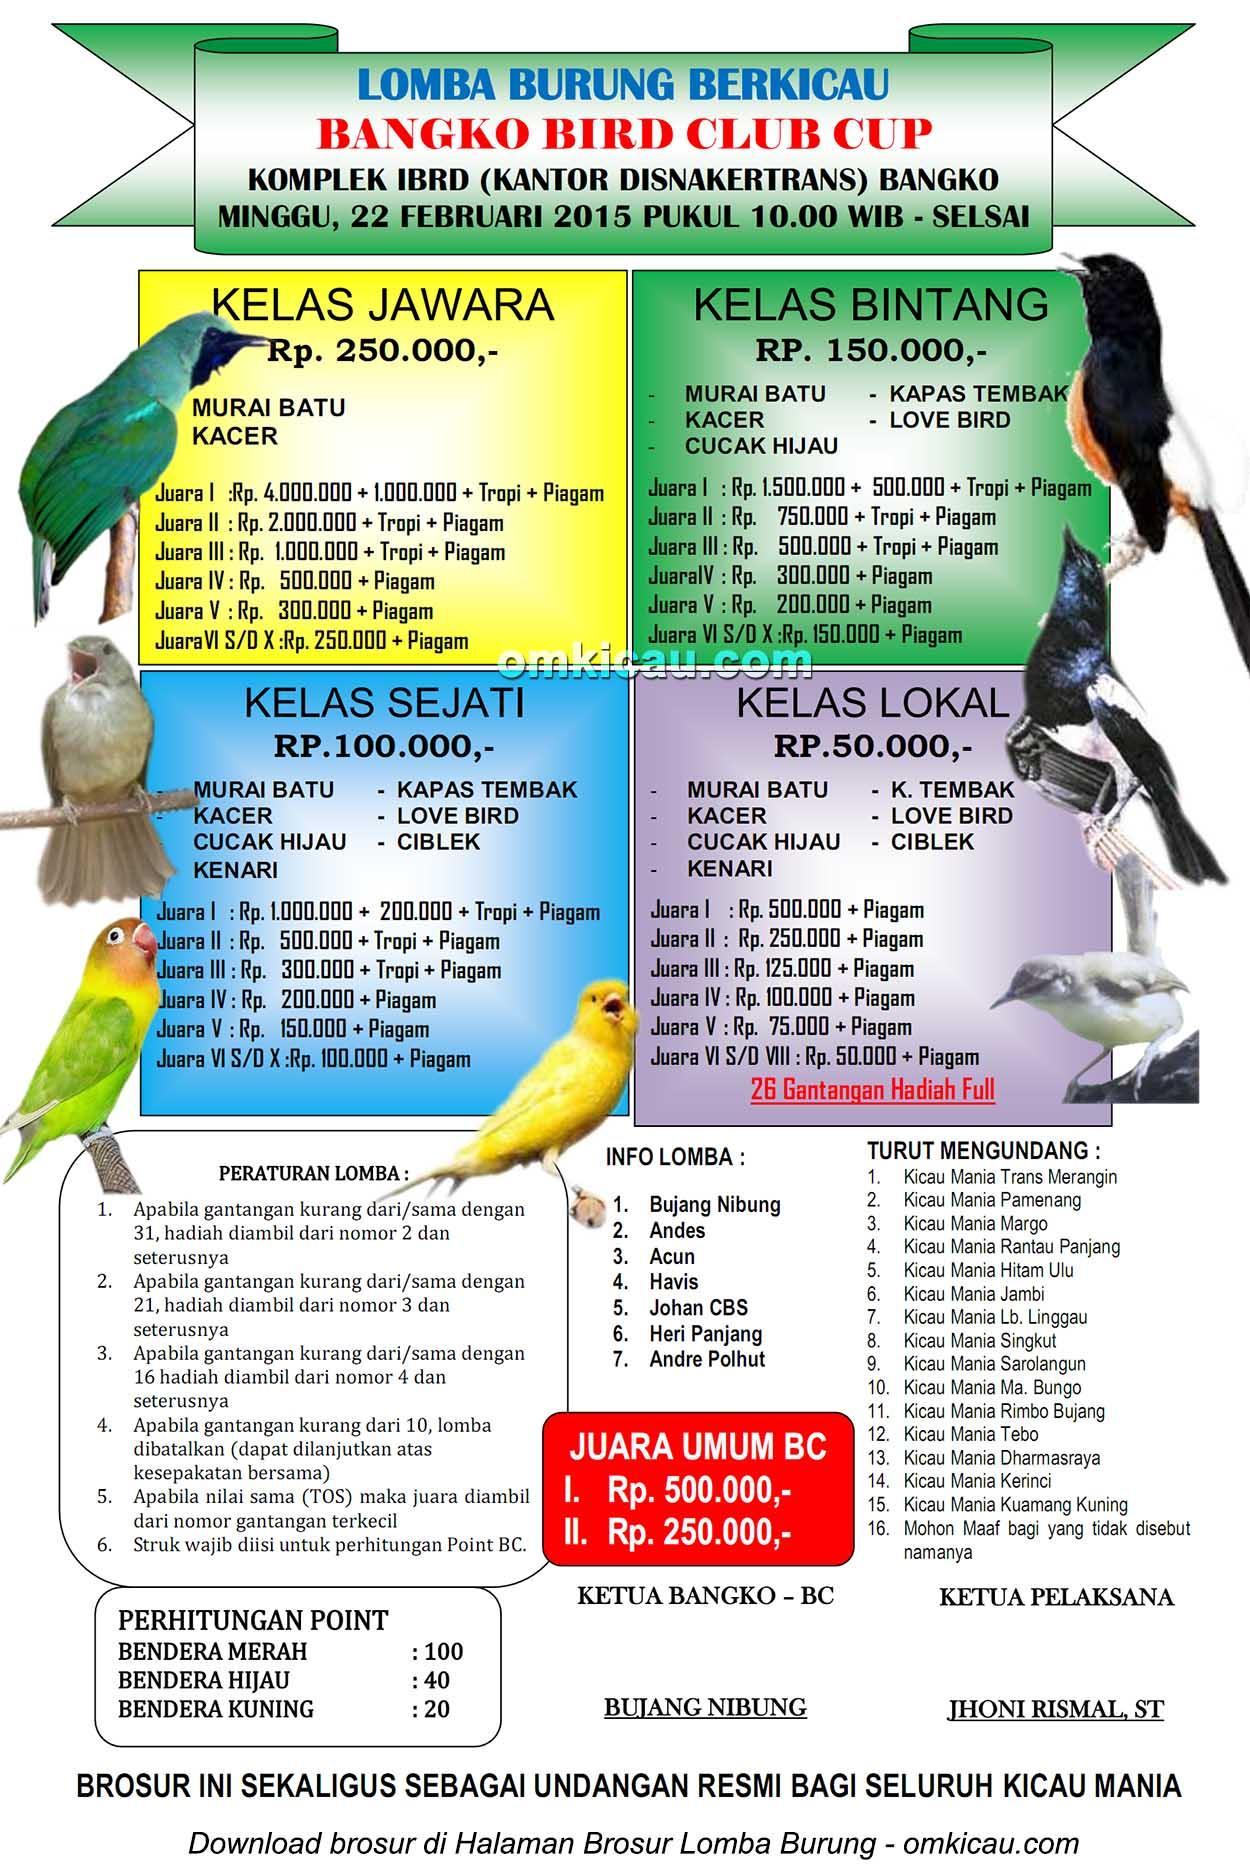 Brosur Lomba Burung Berkicau Bangko Bird Club Cup, Bangko, 22 Februari 2015